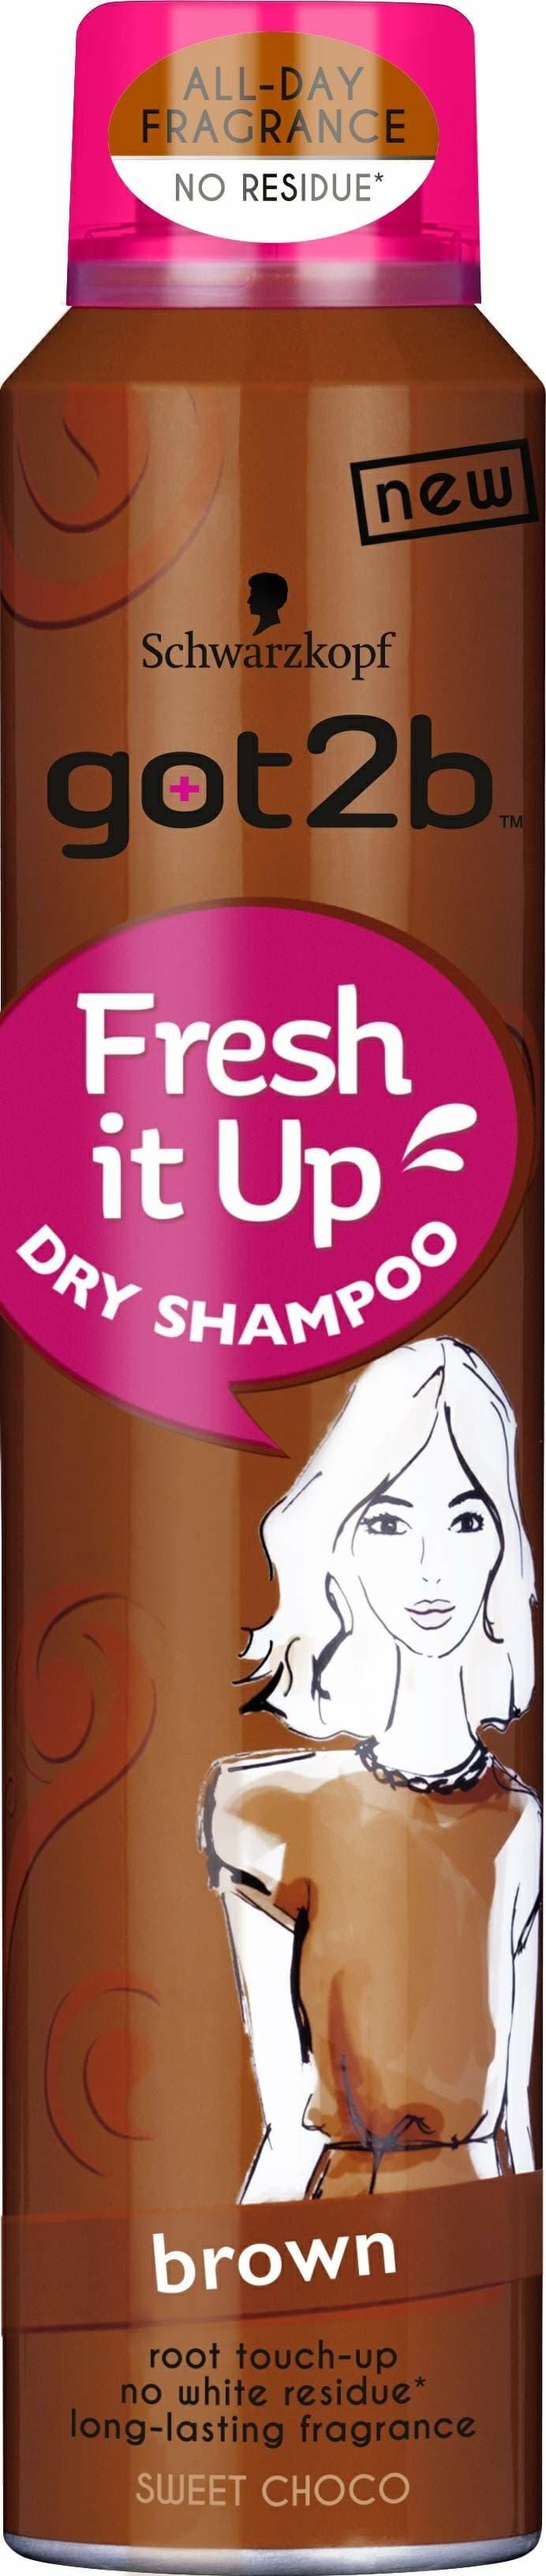 Schwarzkopf Professional, Парфюмированный сухой шампунь Для брюнеток Горячий шоколад Fresh it Up, 200 мл got2b fresh it up парфюмированный сухой шампунь объем тропический бриз